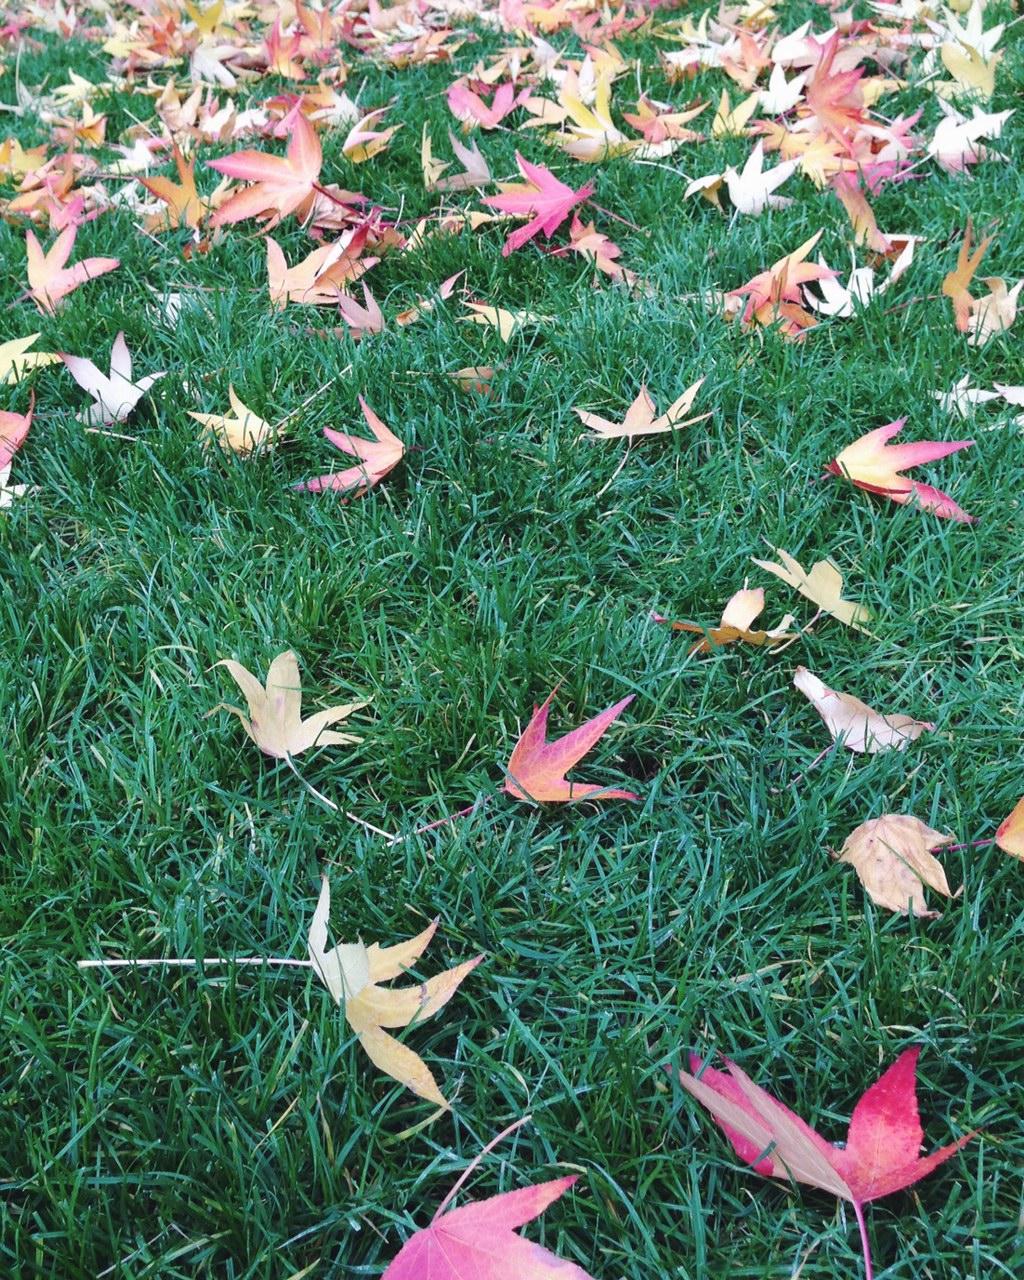 More autumn colors in Parc de Bercy